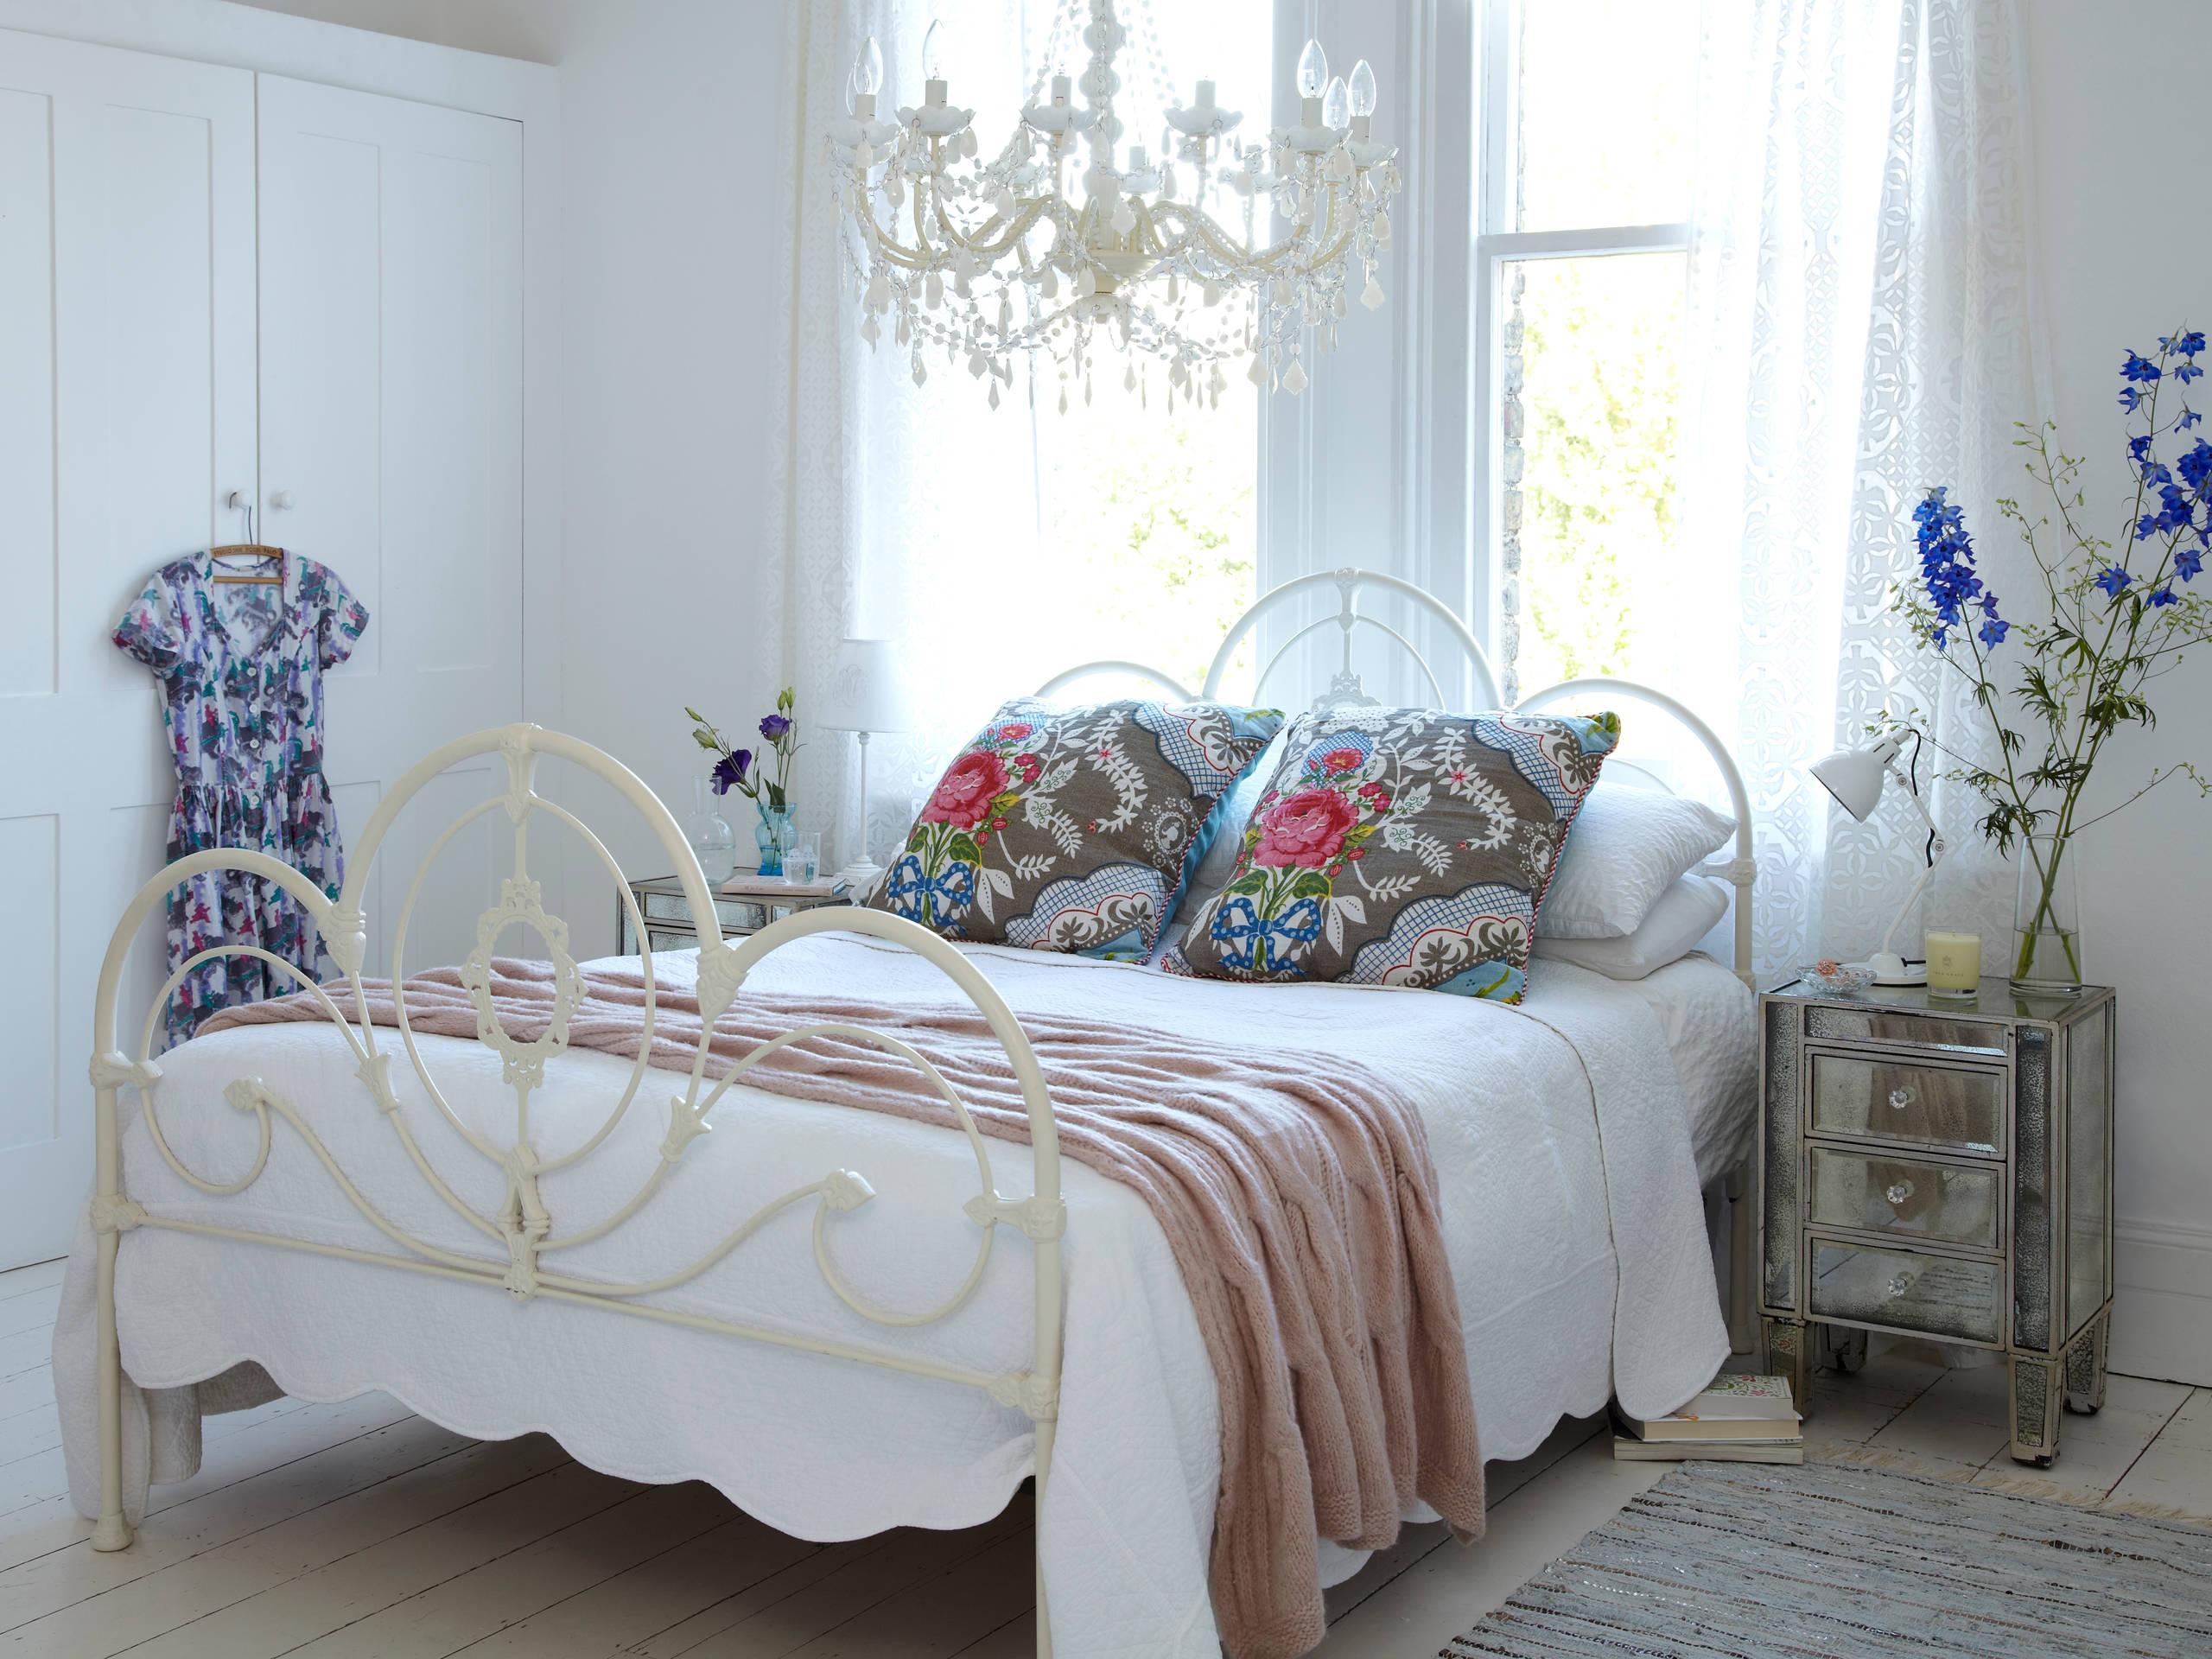 Chandelier In Bedroom Ideas Photos Houzz